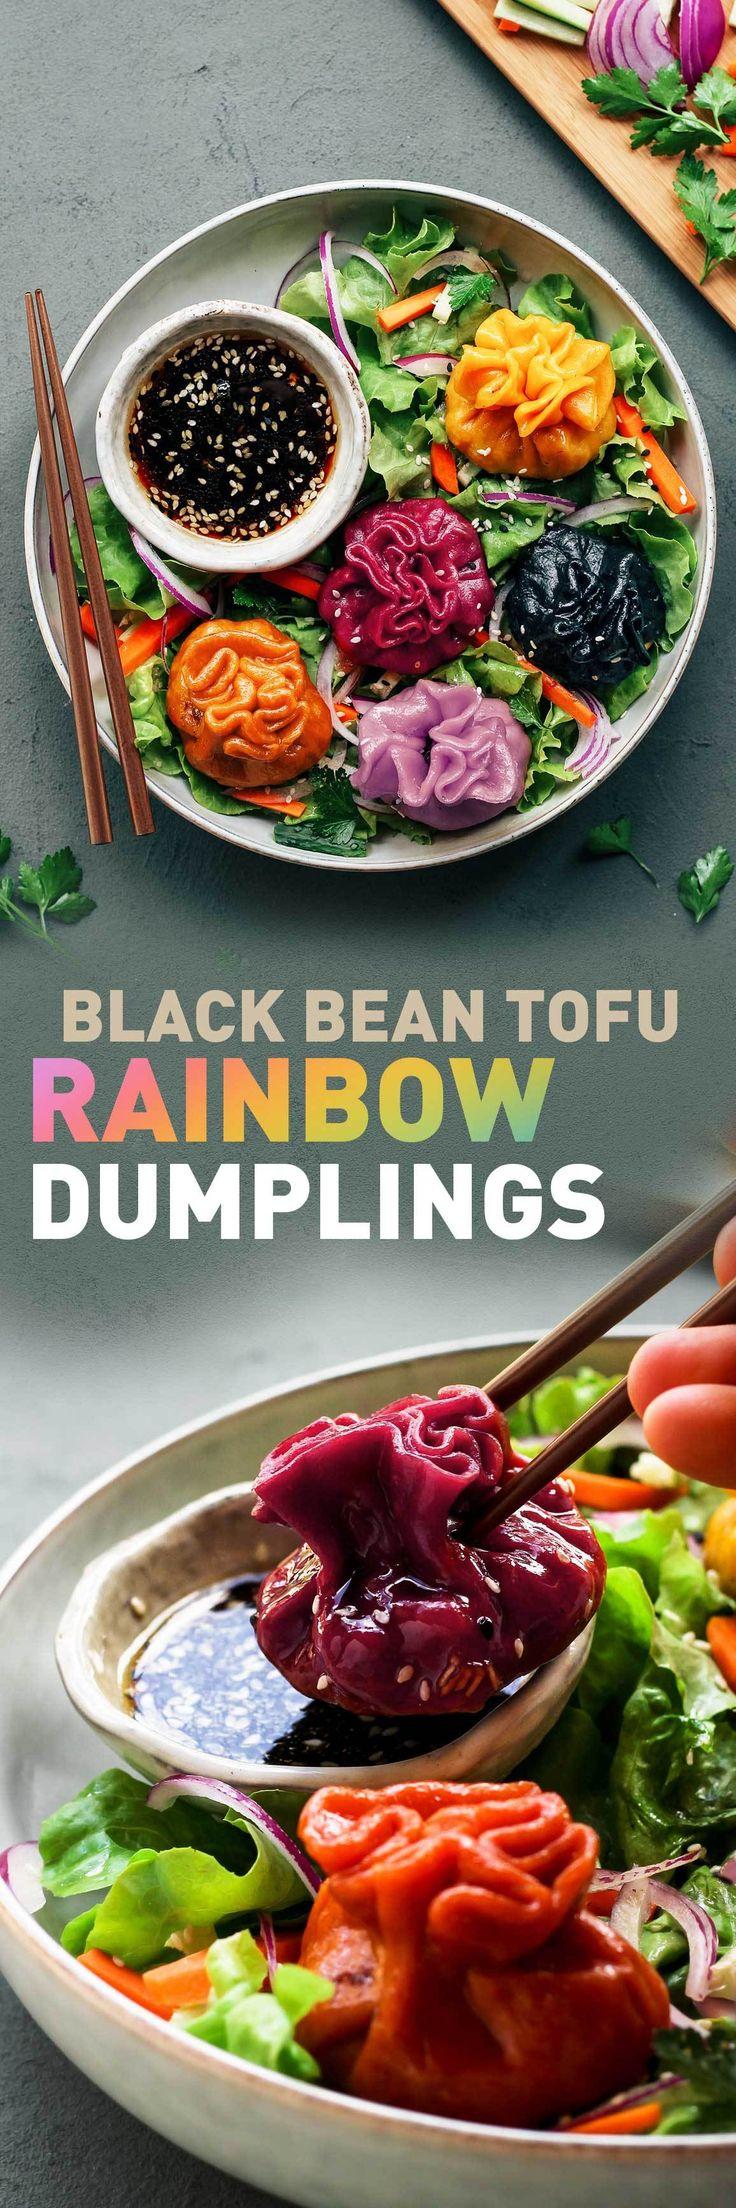 Vegan Black Bean Tofu Dumplings